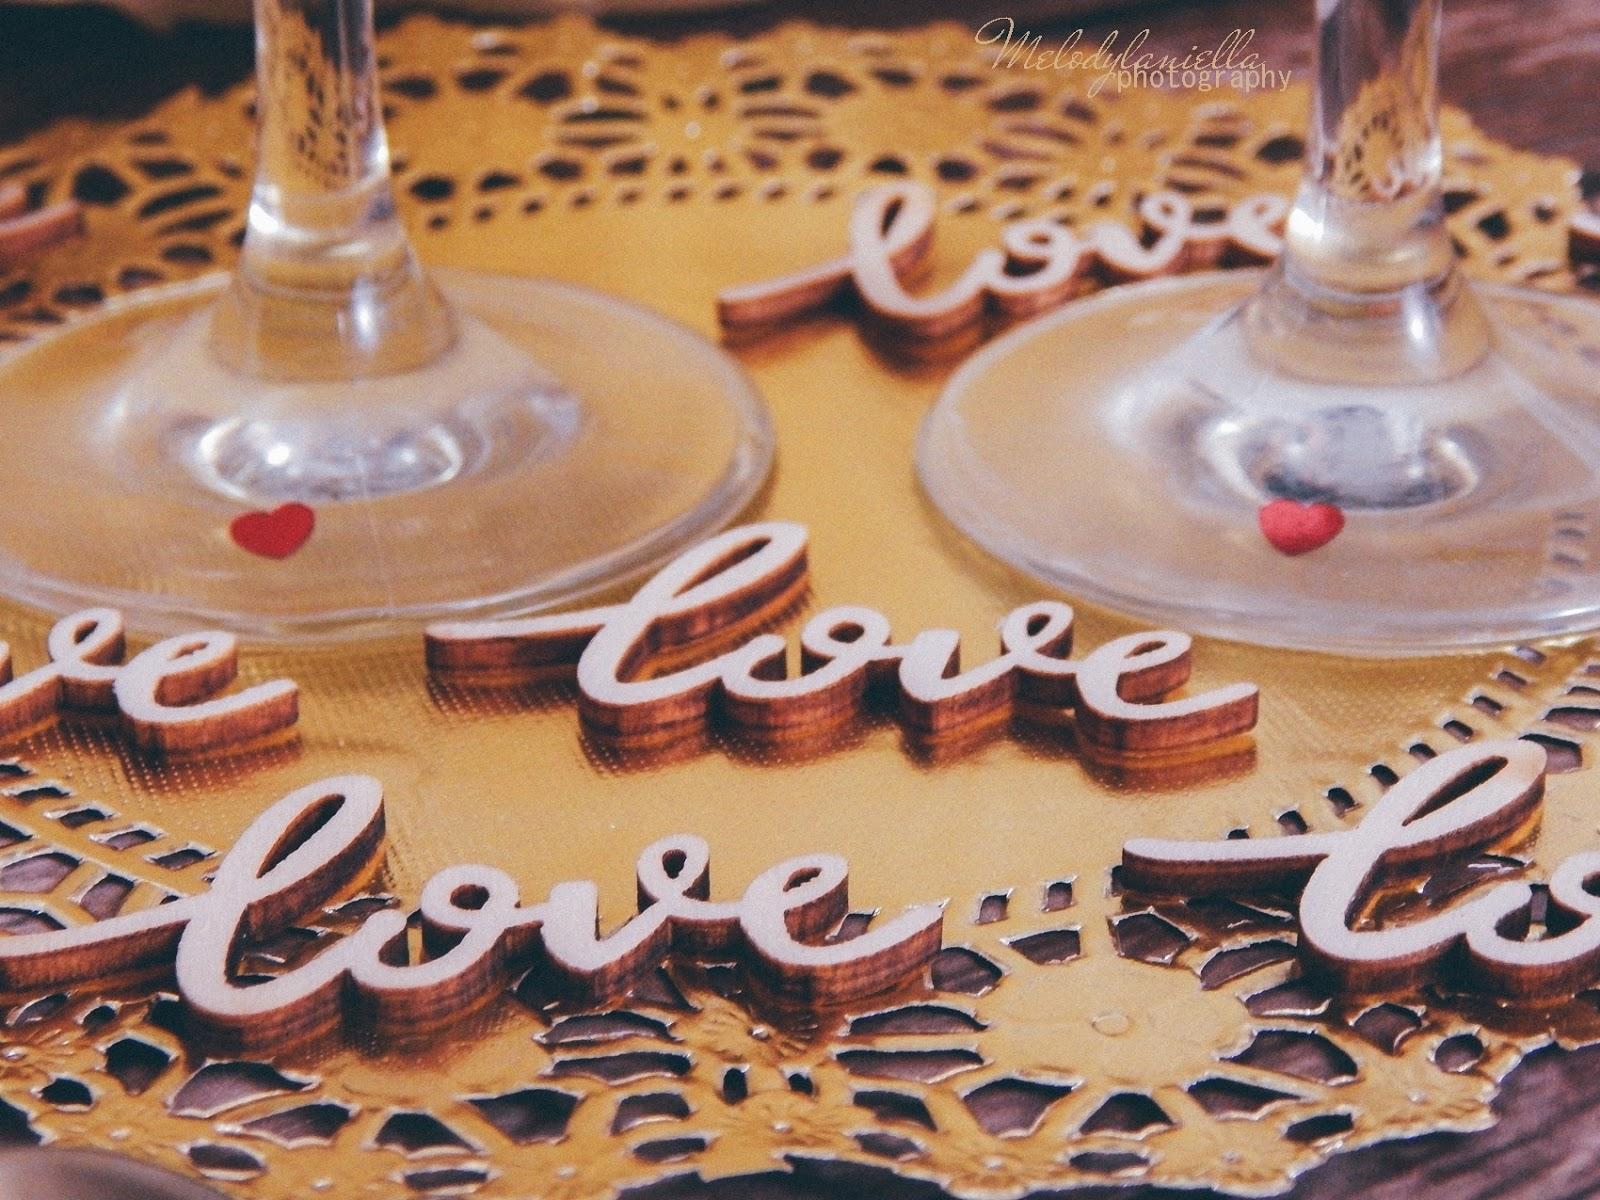 5 partybox stroje dekoracje gadżety na imprezy na urodziny na rocznice na ślub na wesele zaręczyny ozdobne talerze ozdobne sztućce dodatki wystrój wnętrz konfetti balony love tiul dekoracyjny złote dodatki